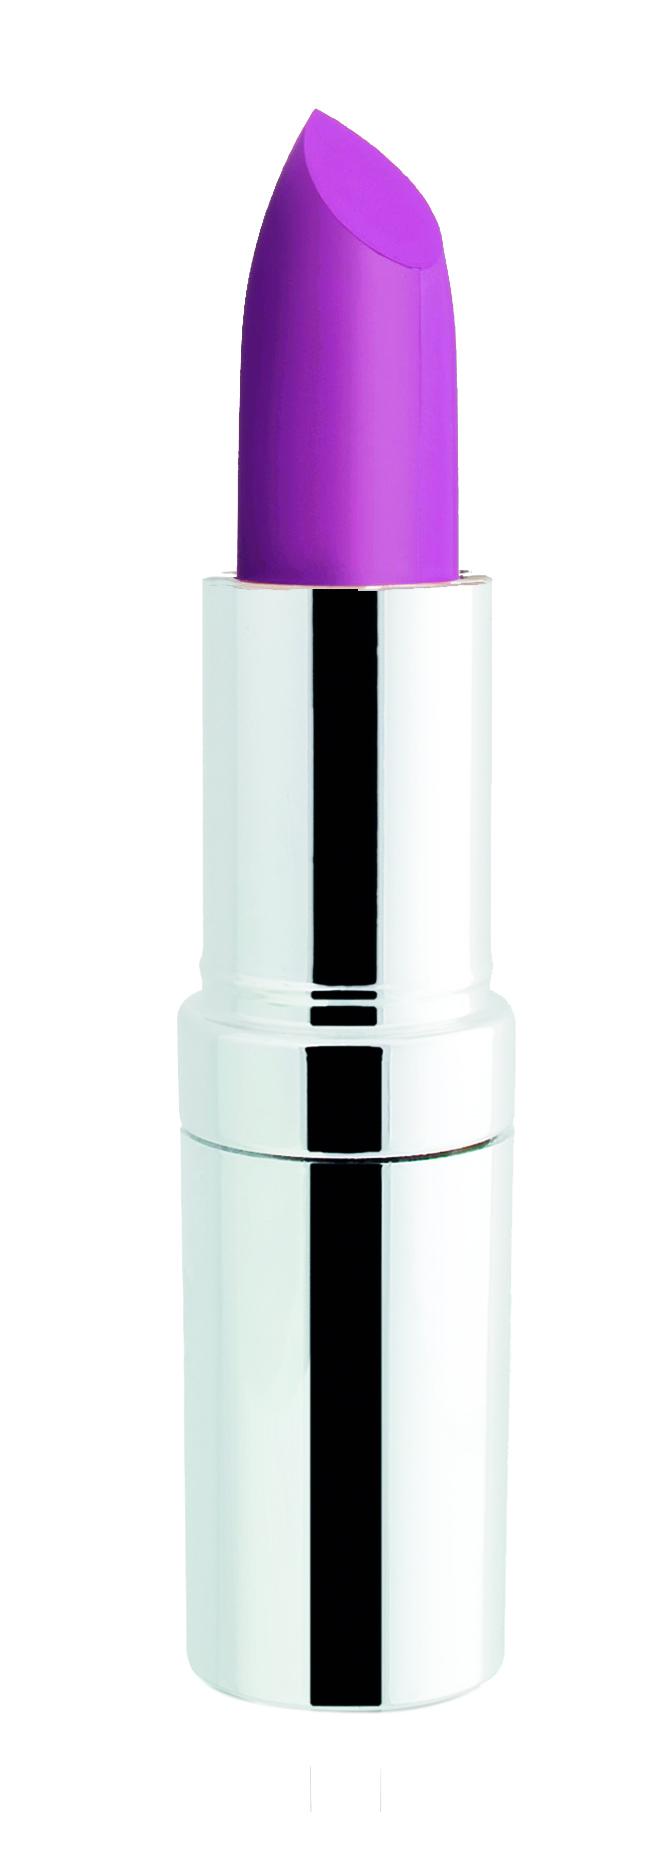 SEVENTEEN Помада губная устойчивая матовая SPF 15, 33 красный цикламен / Matte Lasting Lipstick 5 г